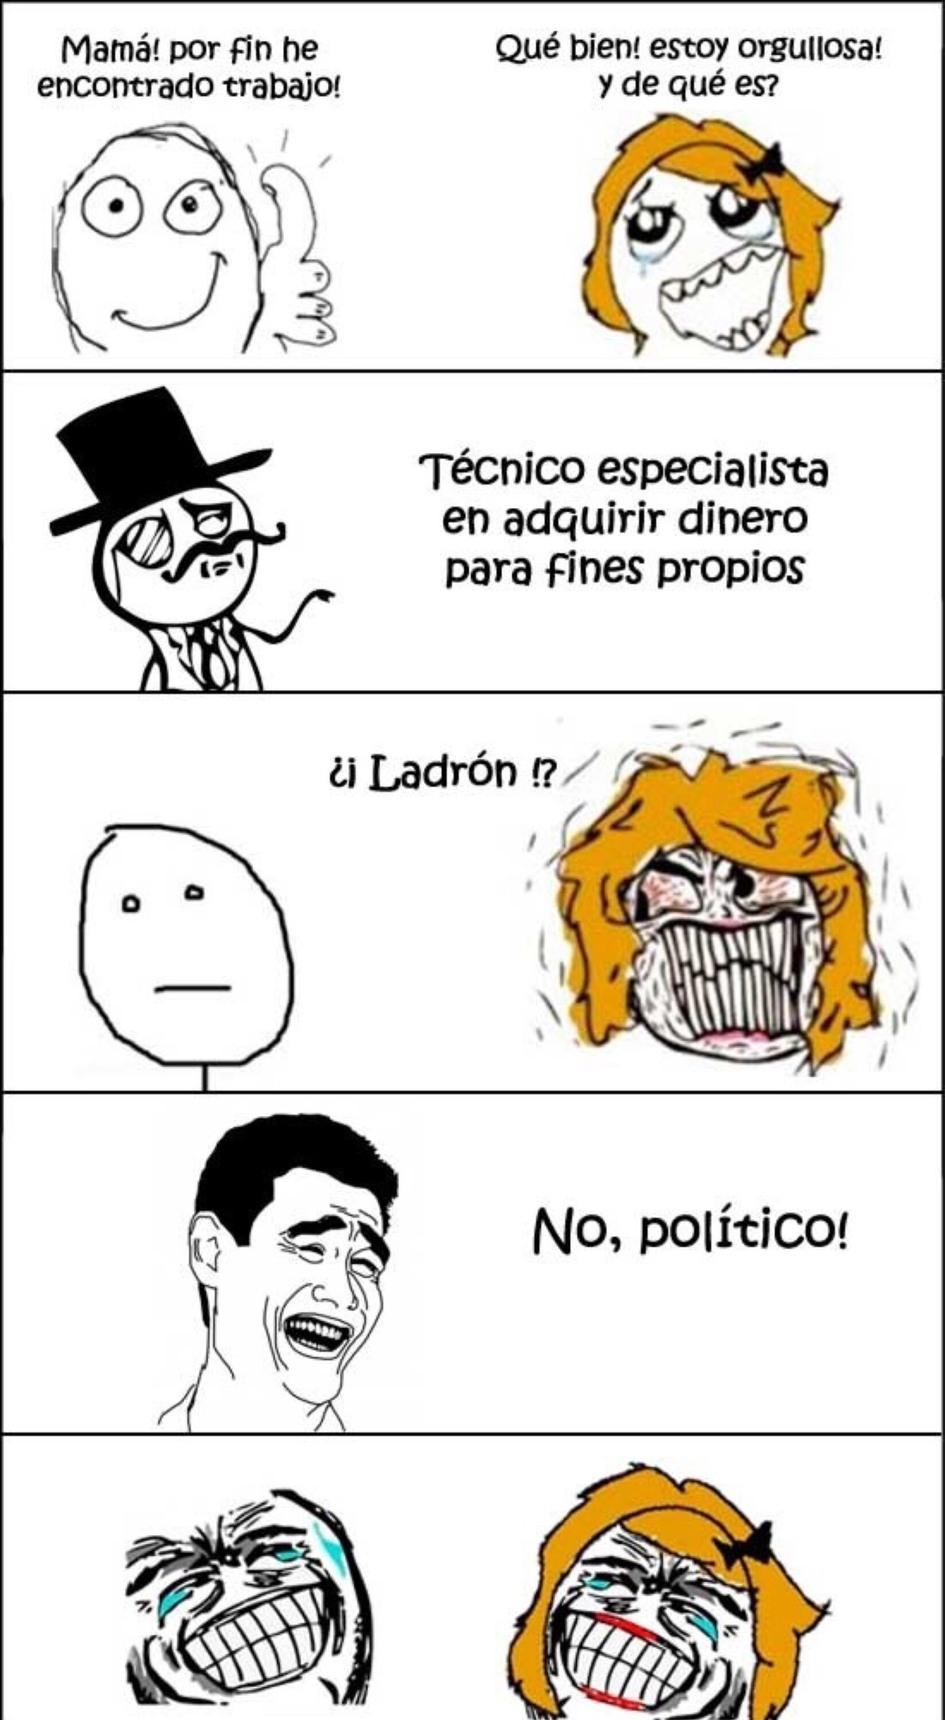 jajajajaja, ladron=politico jaja No?,ok :v - meme